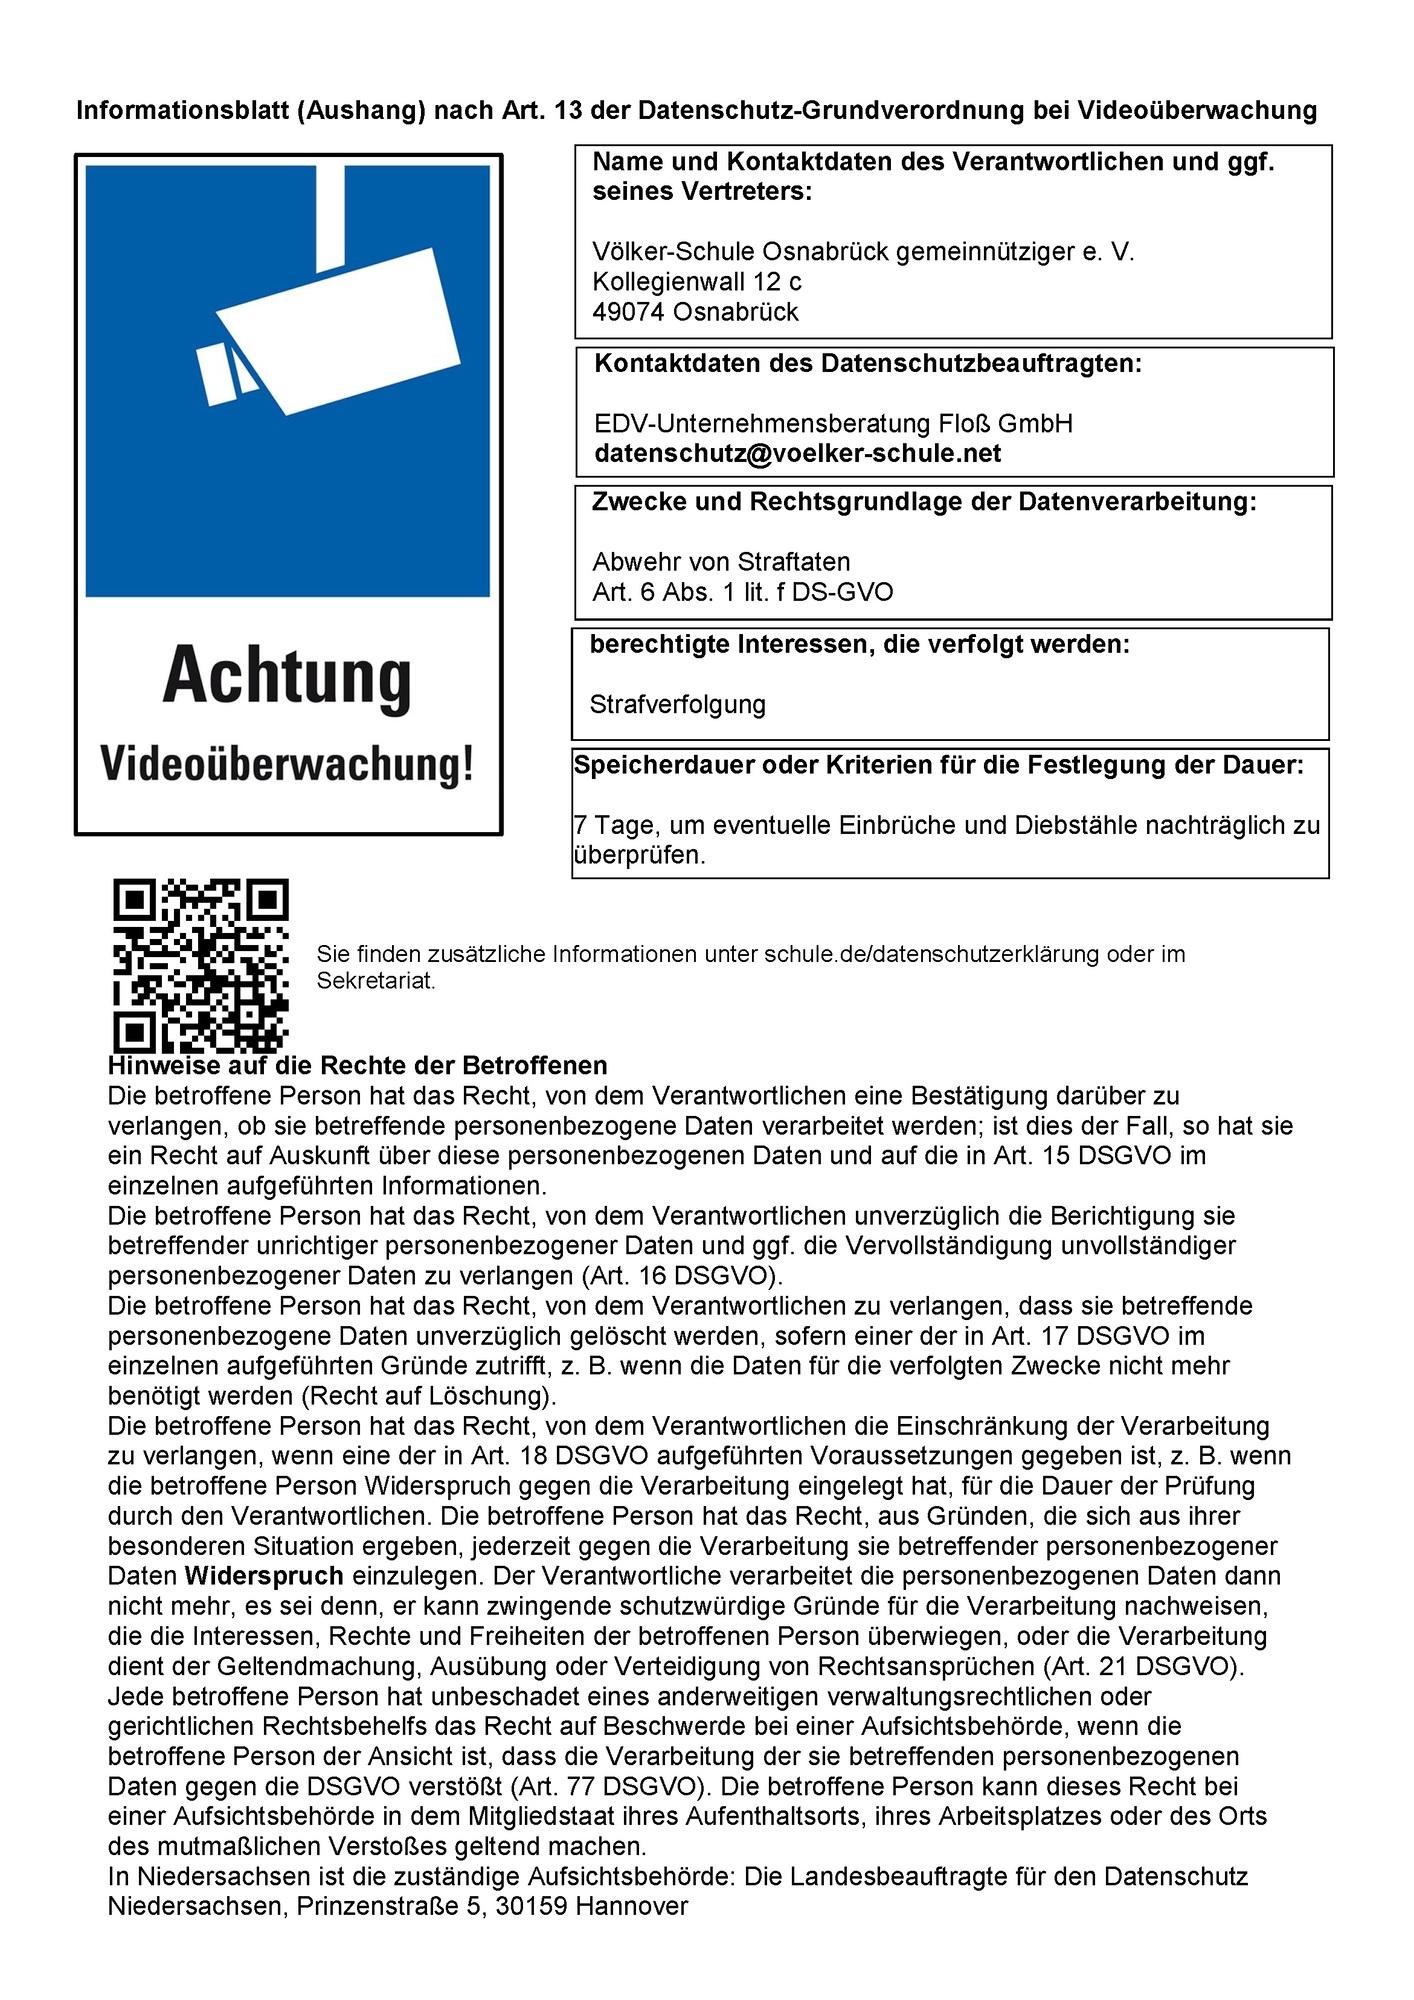 Völker-Schule | Datenschutzerklärung